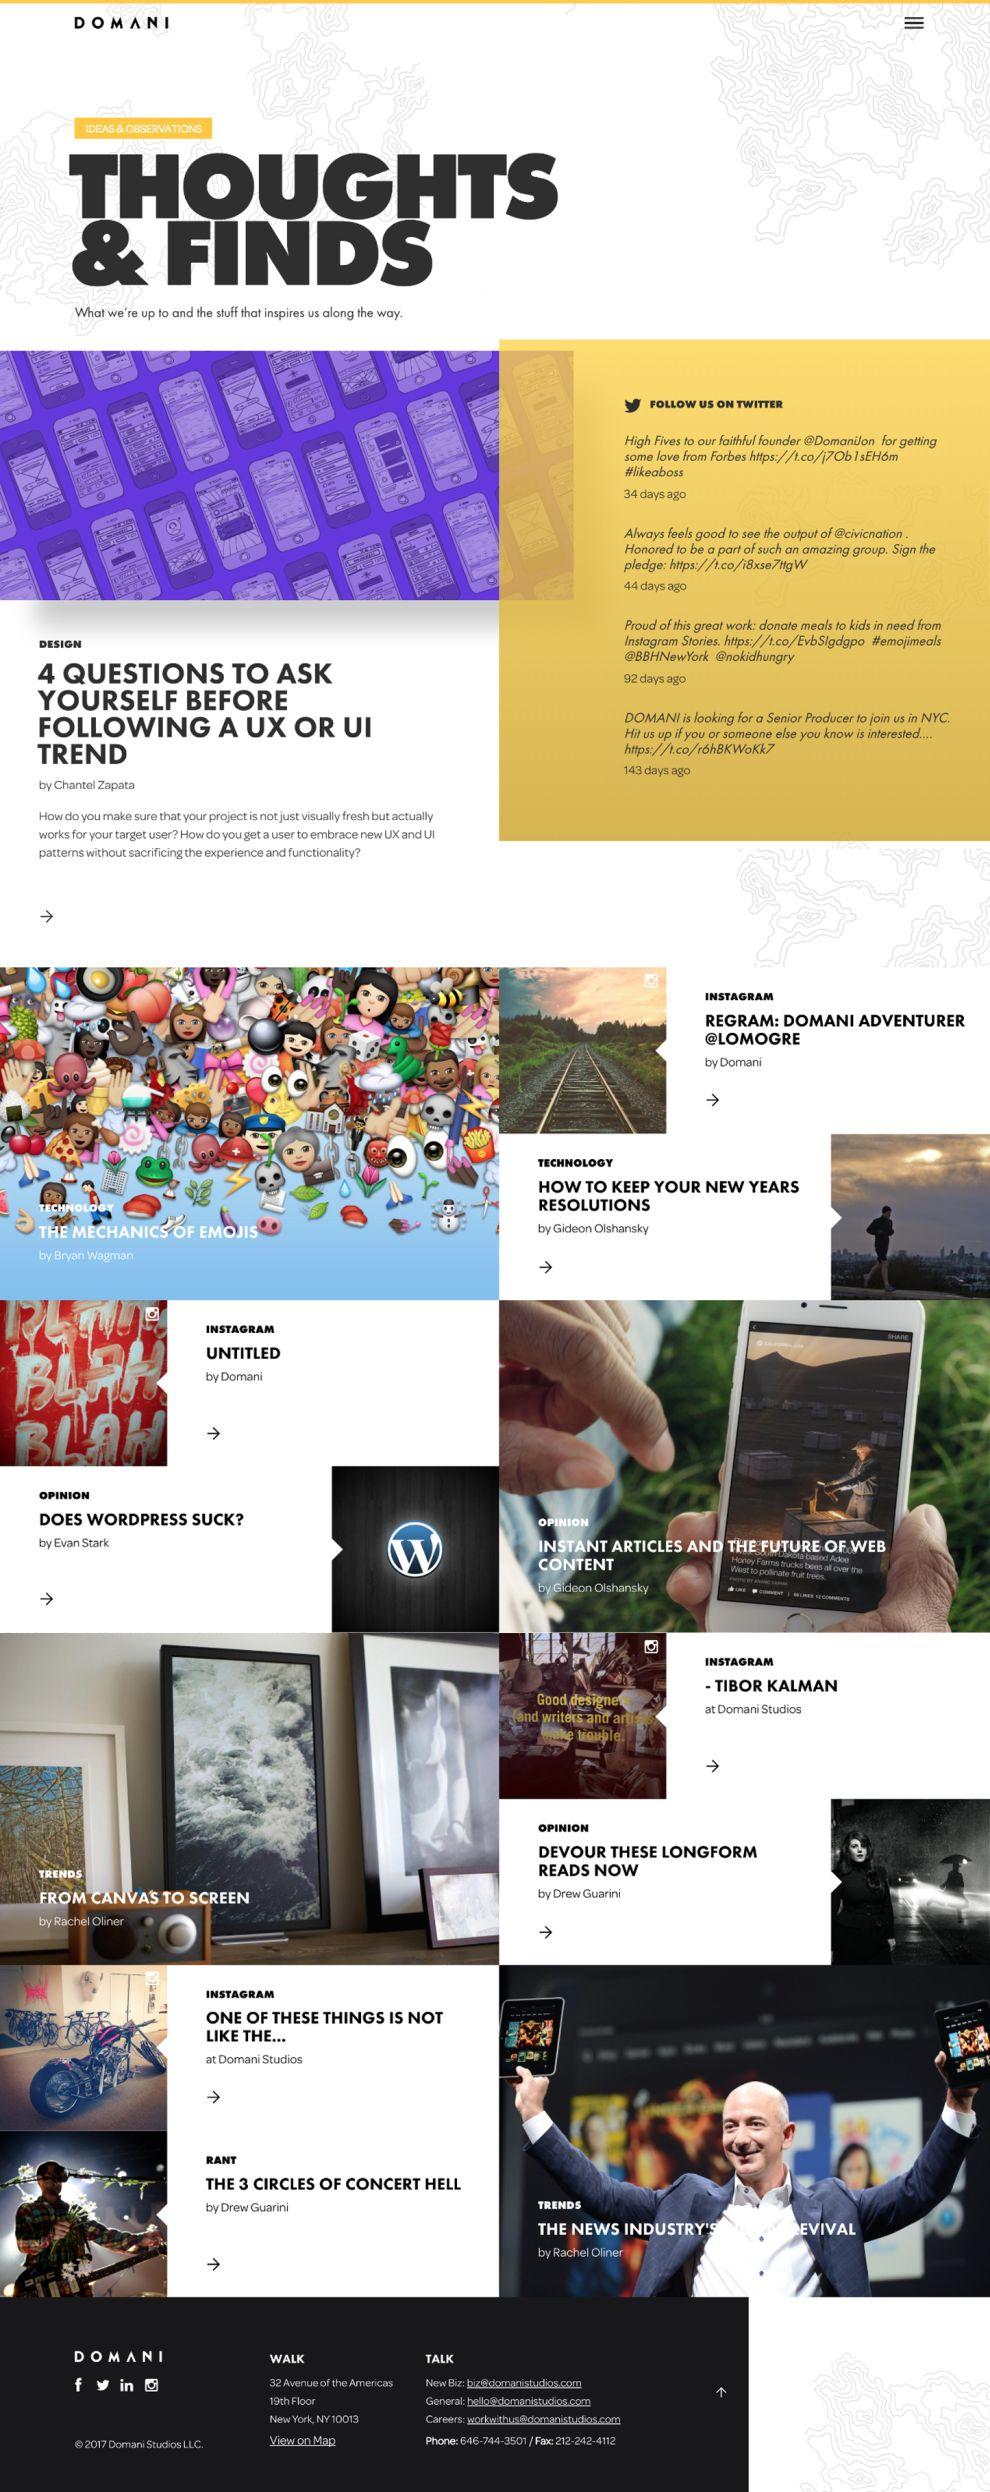 Domani Beautiful Blog Page